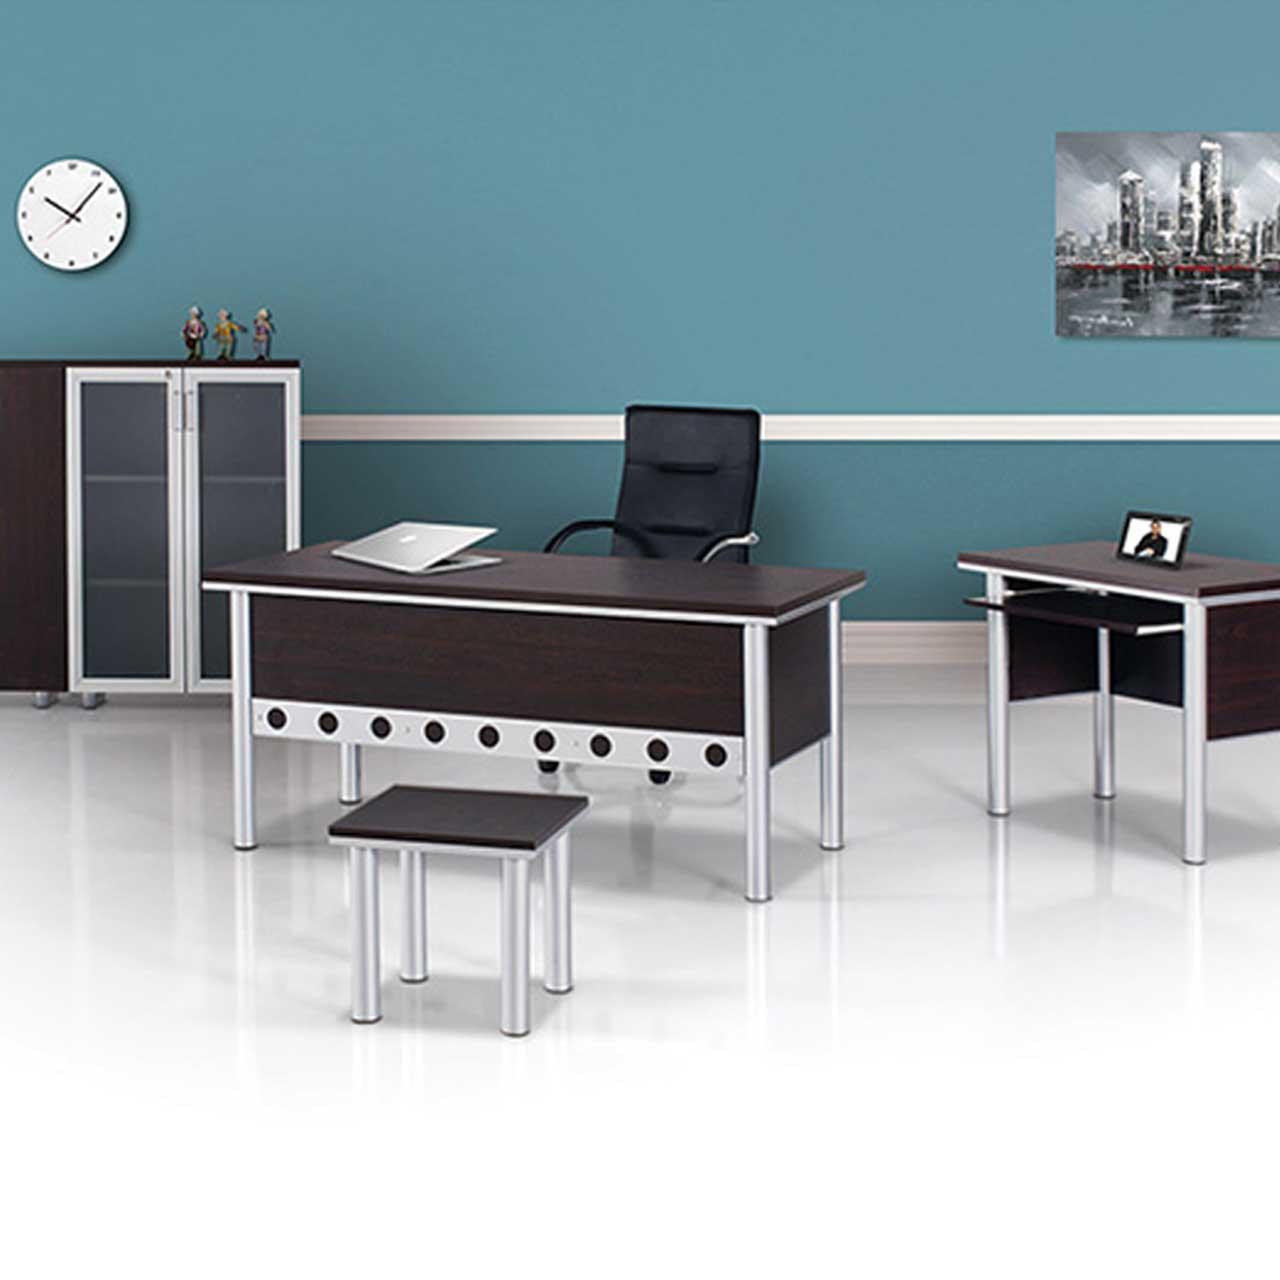 En Ucuz Ofis Masaları Eko